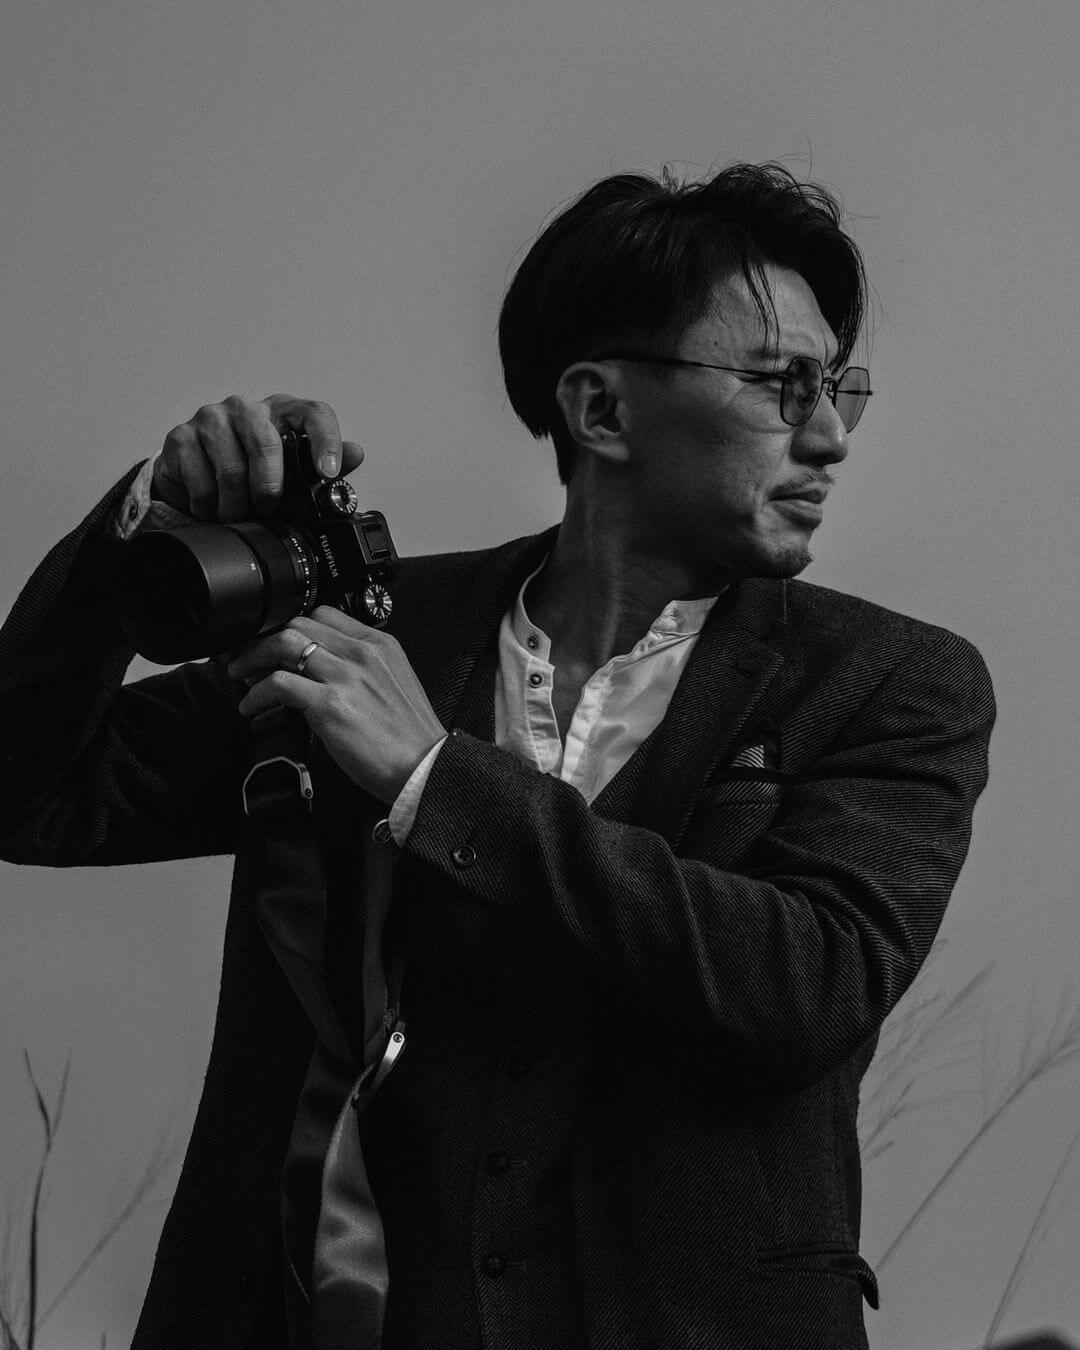 單立文與胡蓓蔚的恩受拖手照片,由袁偉豪操刀拍攝。